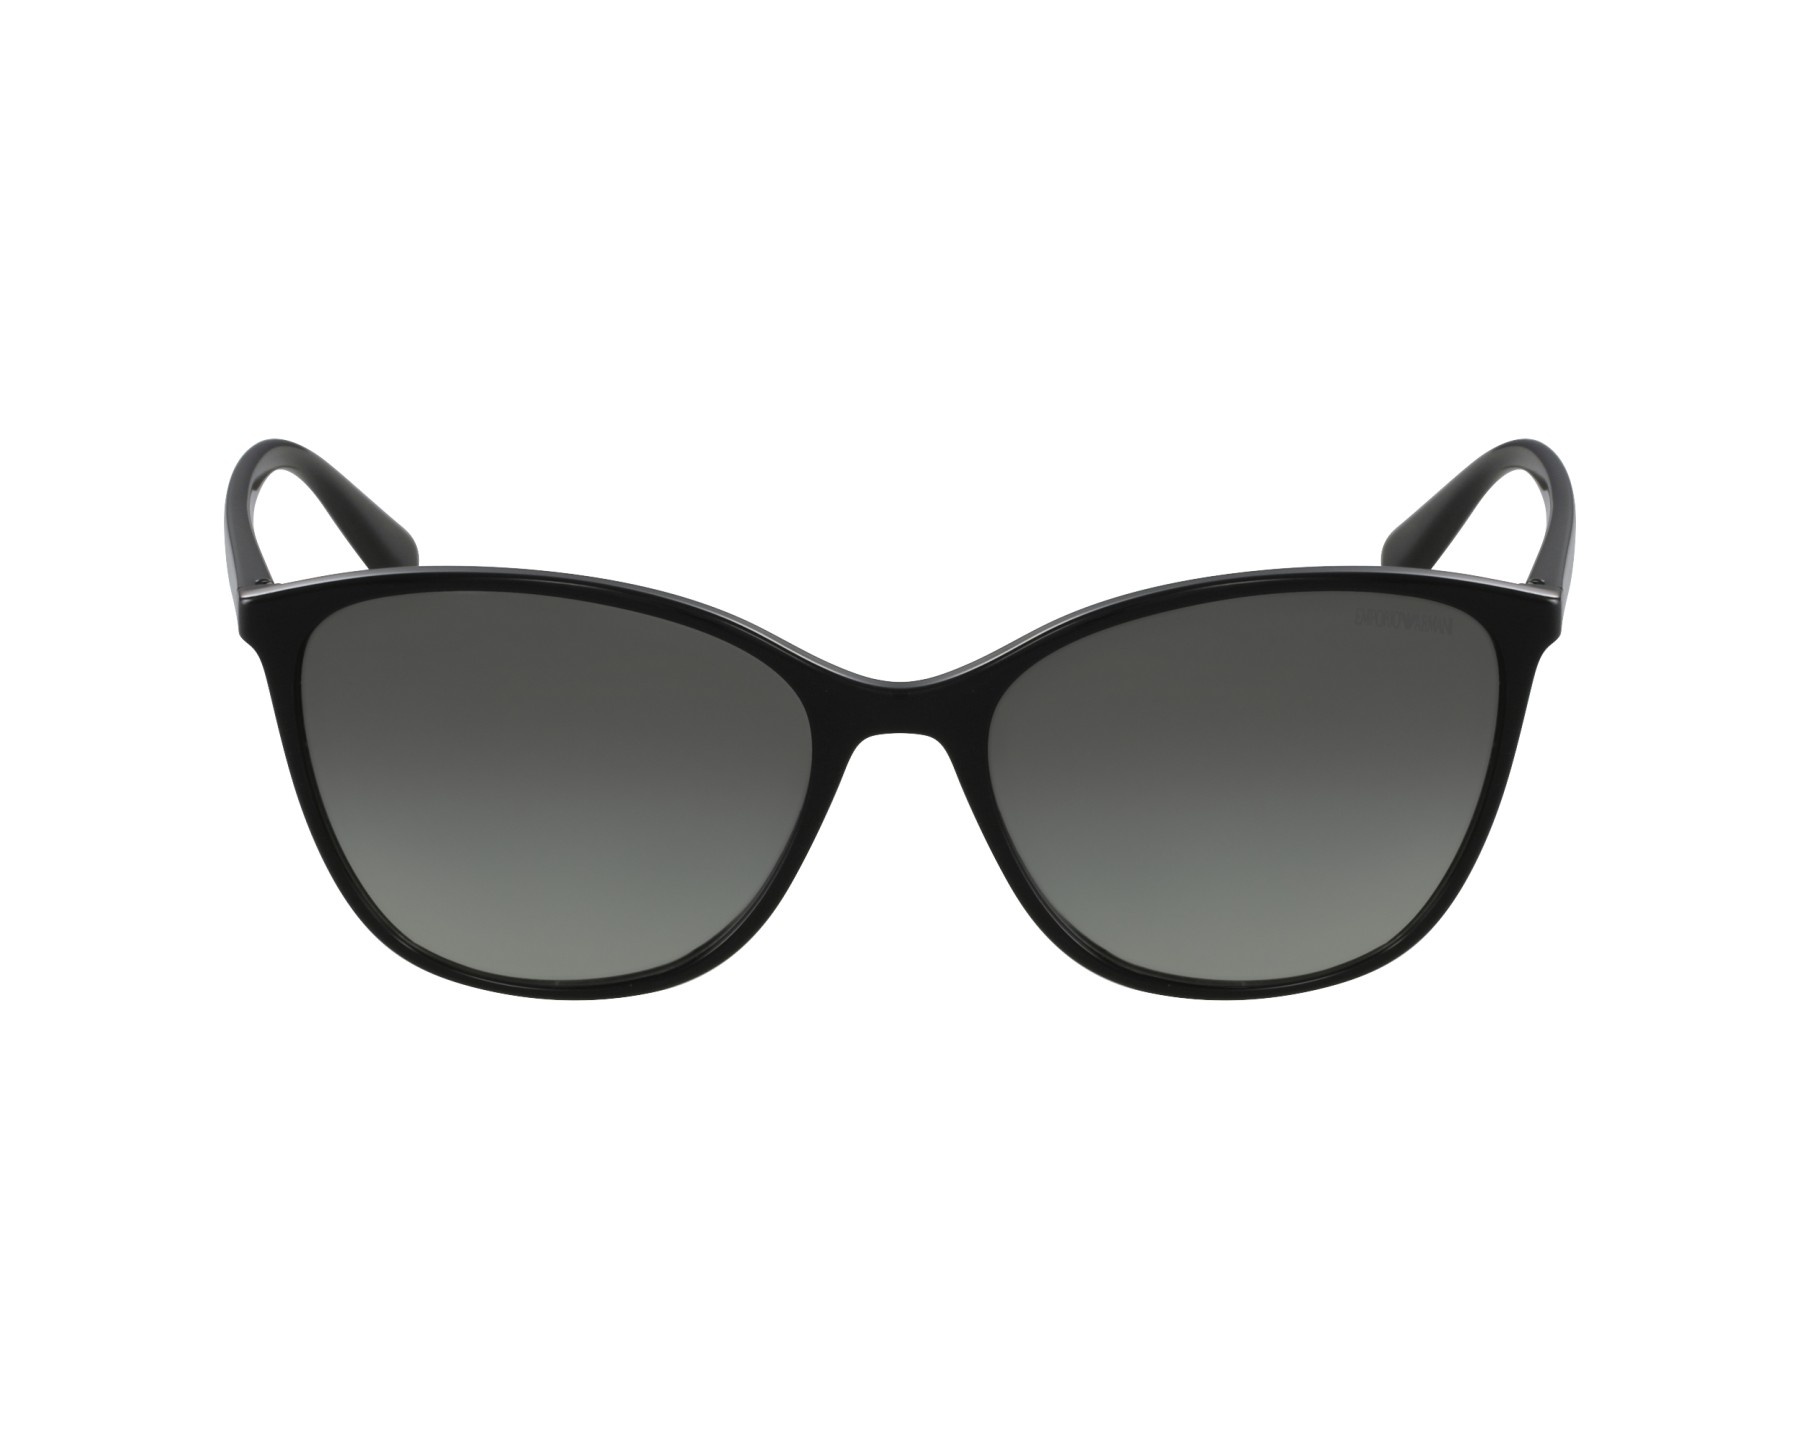 b21fec3b4f Lunettes de soleil Emporio Armani EA-4073 5017/11 - Noir vue de profil